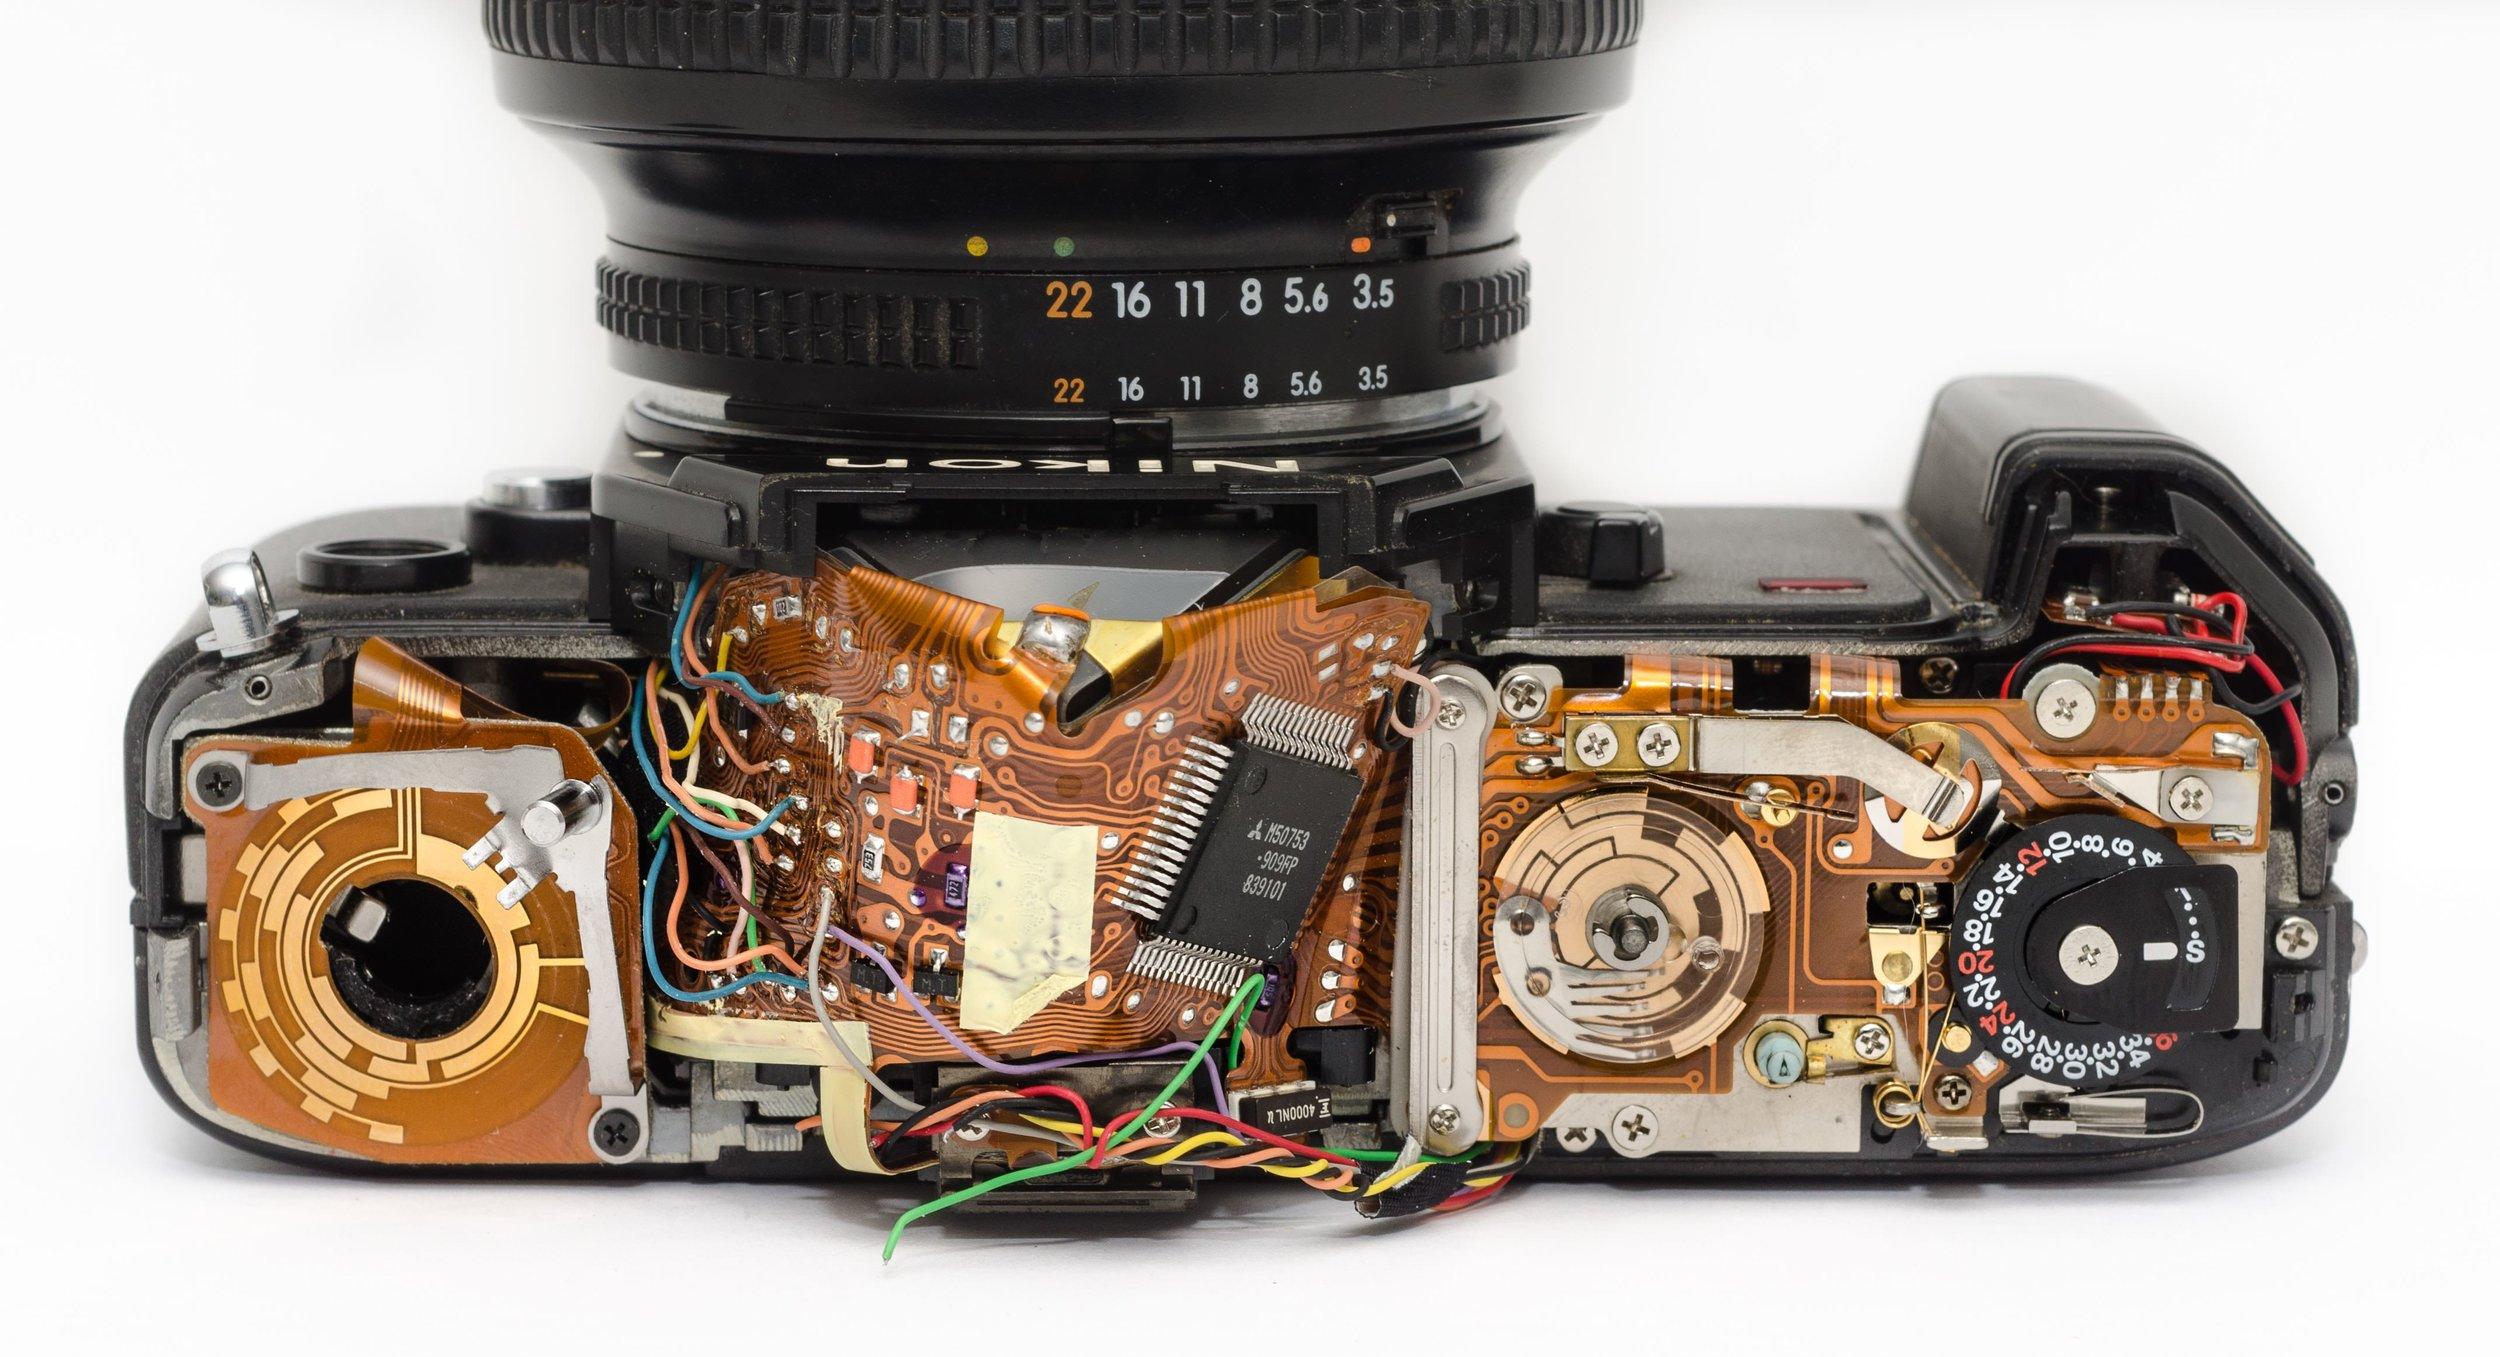 Broken camera broken link